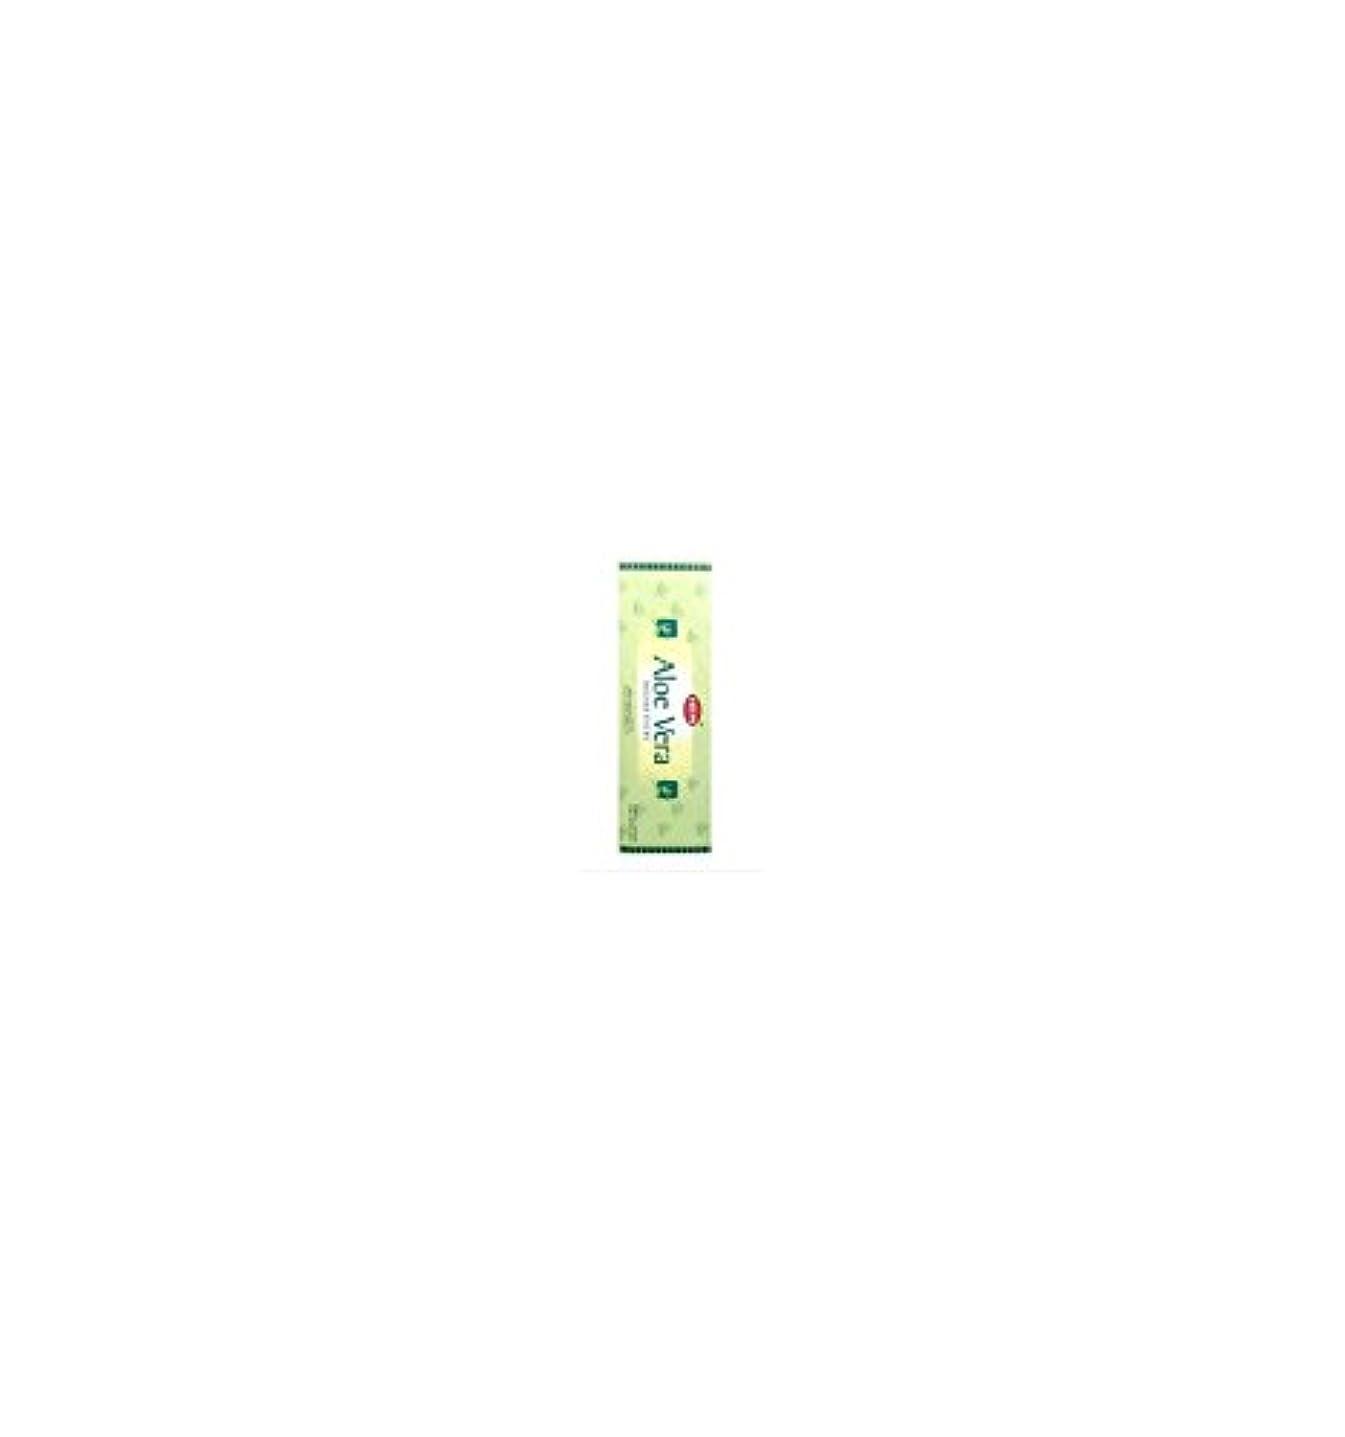 復活させる嫉妬販売計画HEM(ヘム) スティックお香 六角香 ヘキサパック アロエベラ香 6角(20本入)×1箱 Aloe vera